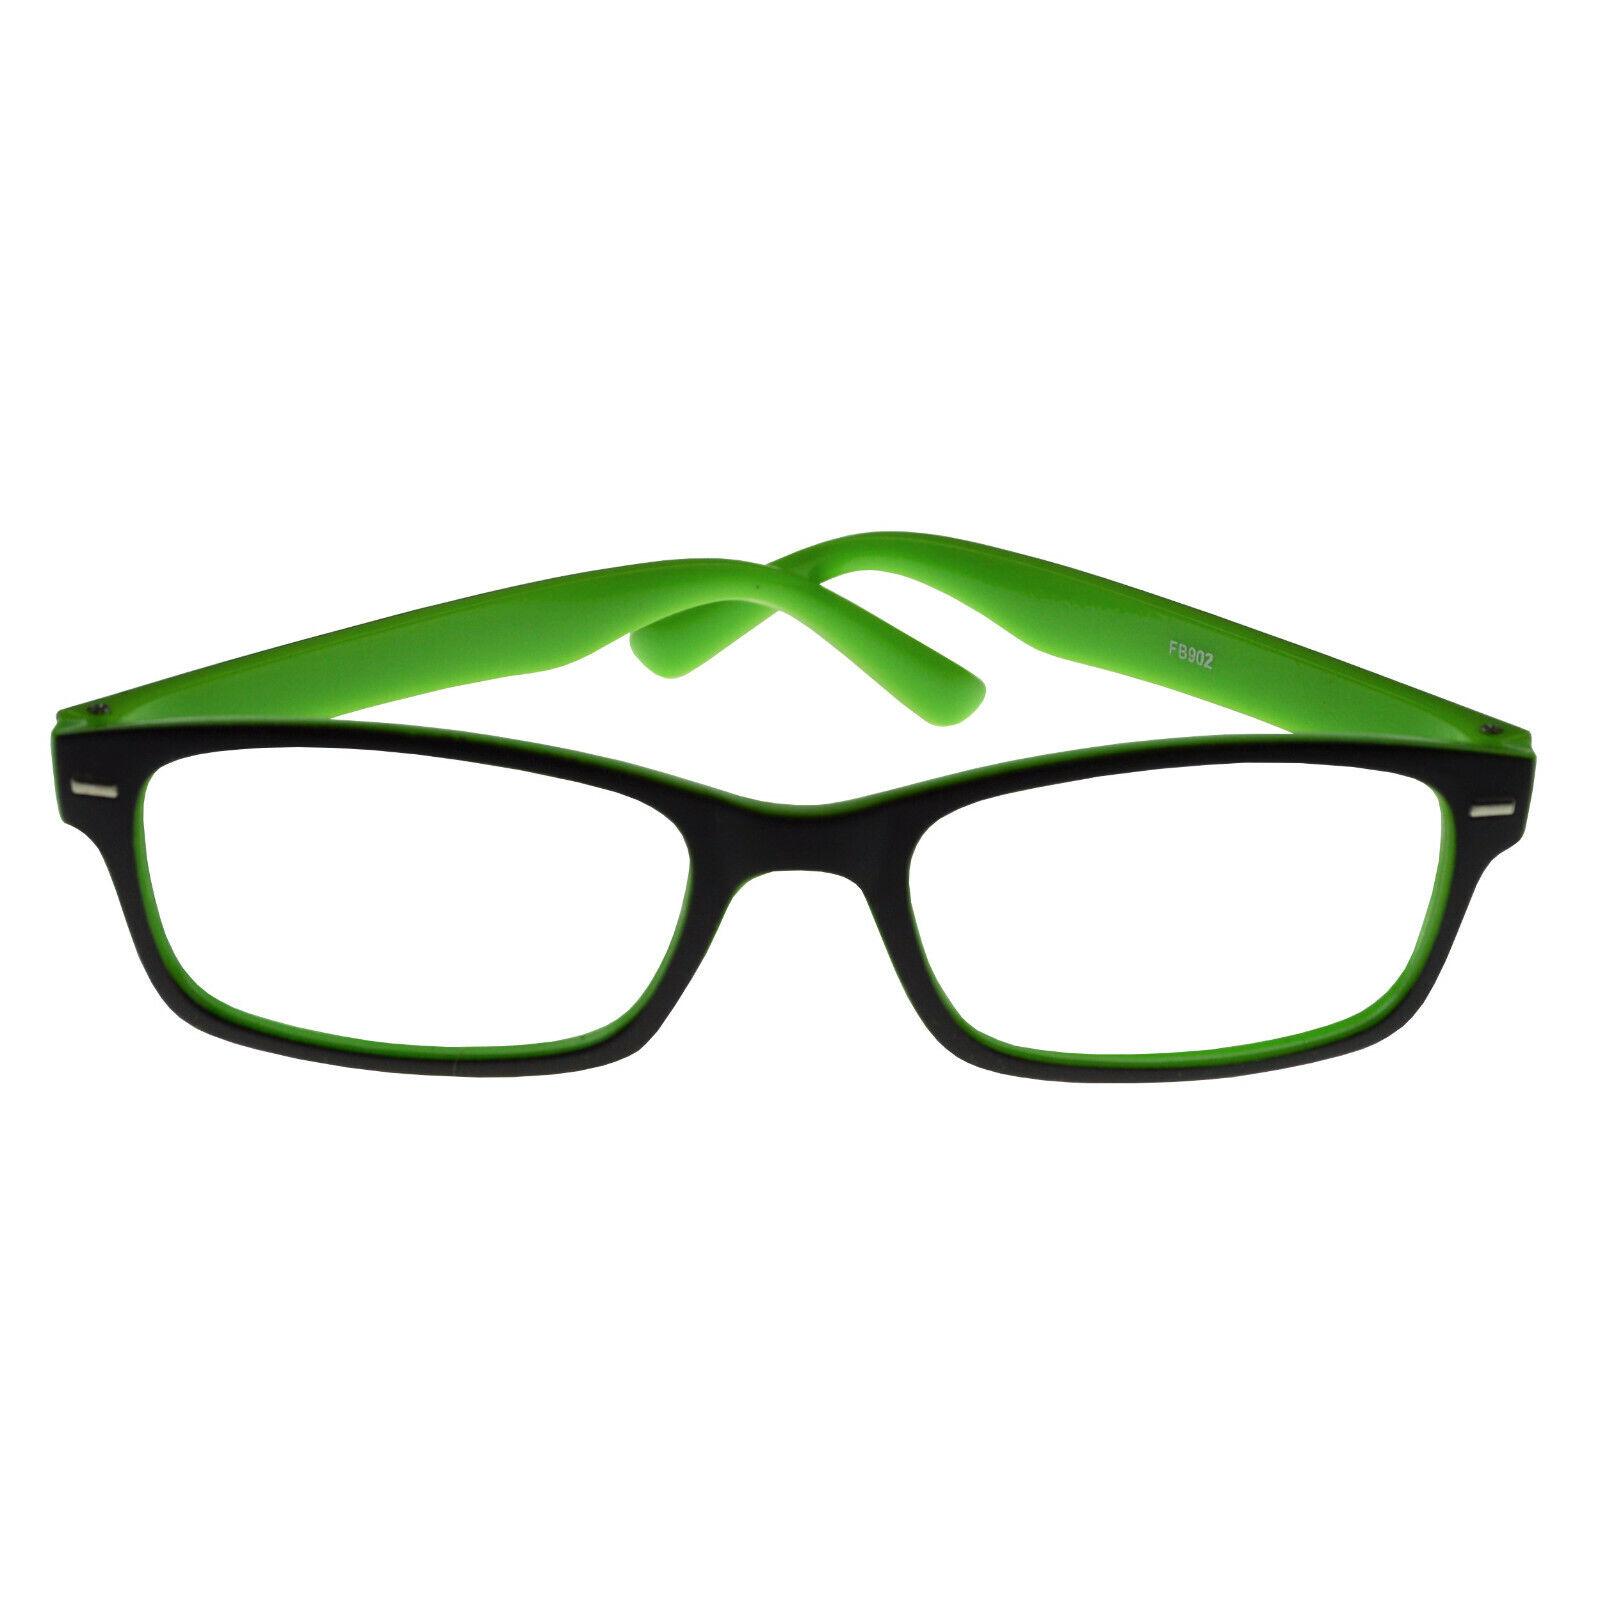 Modische Lesebrille DamenHerren verschiedene Farben Dioptrien wählbar Brille